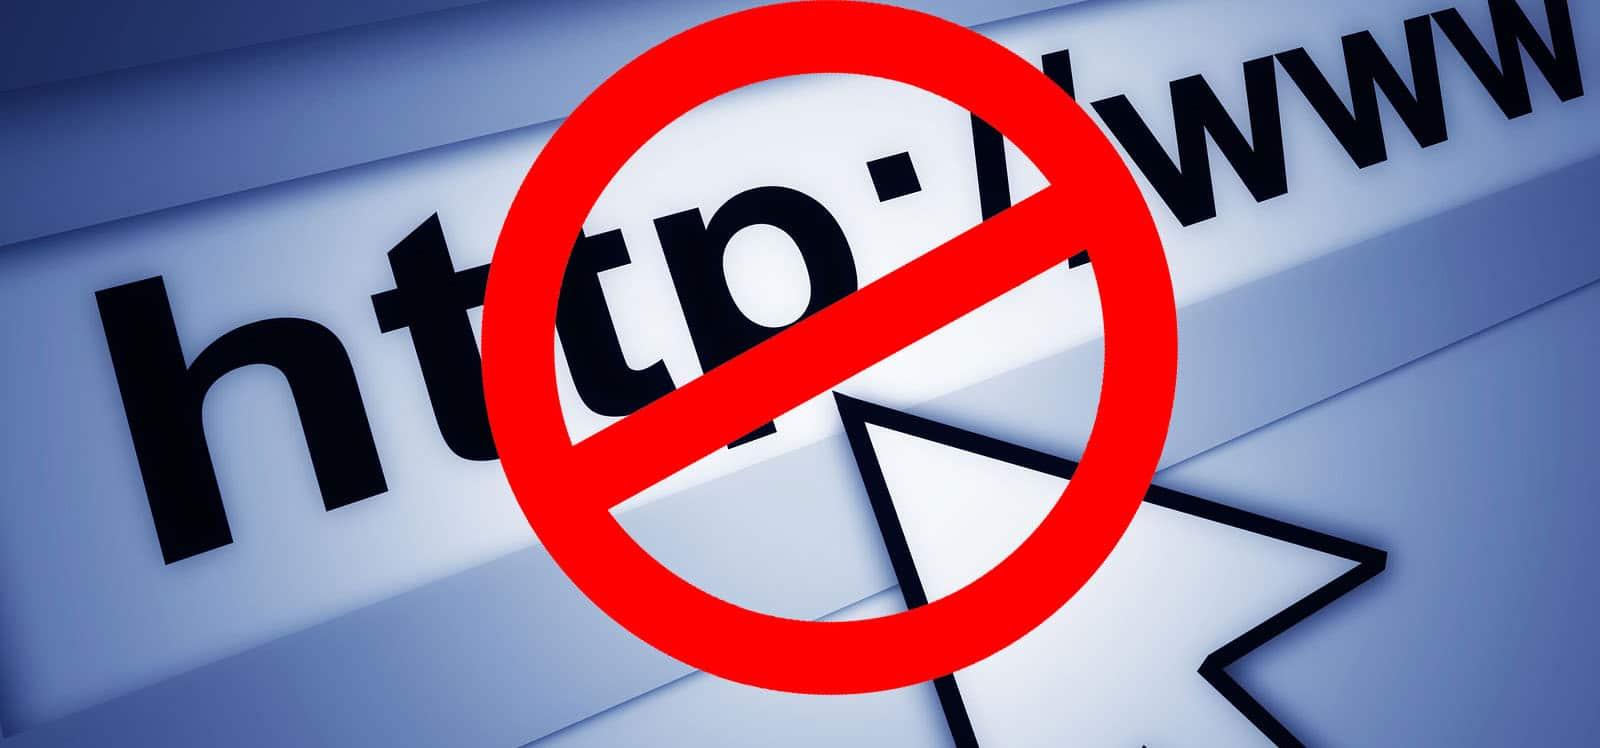 URL Blocker : Bloquer facilement l'accès à un ou plusieurs Sites Web.